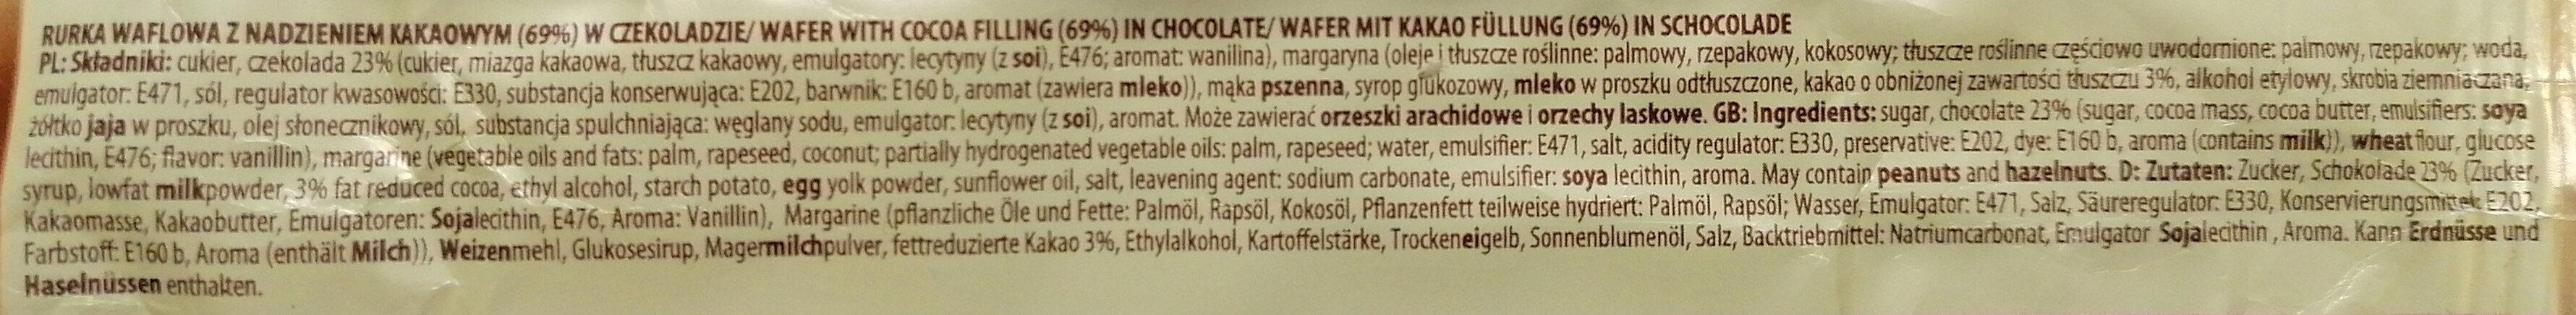 Sękacz kakaowy. - Ingredients